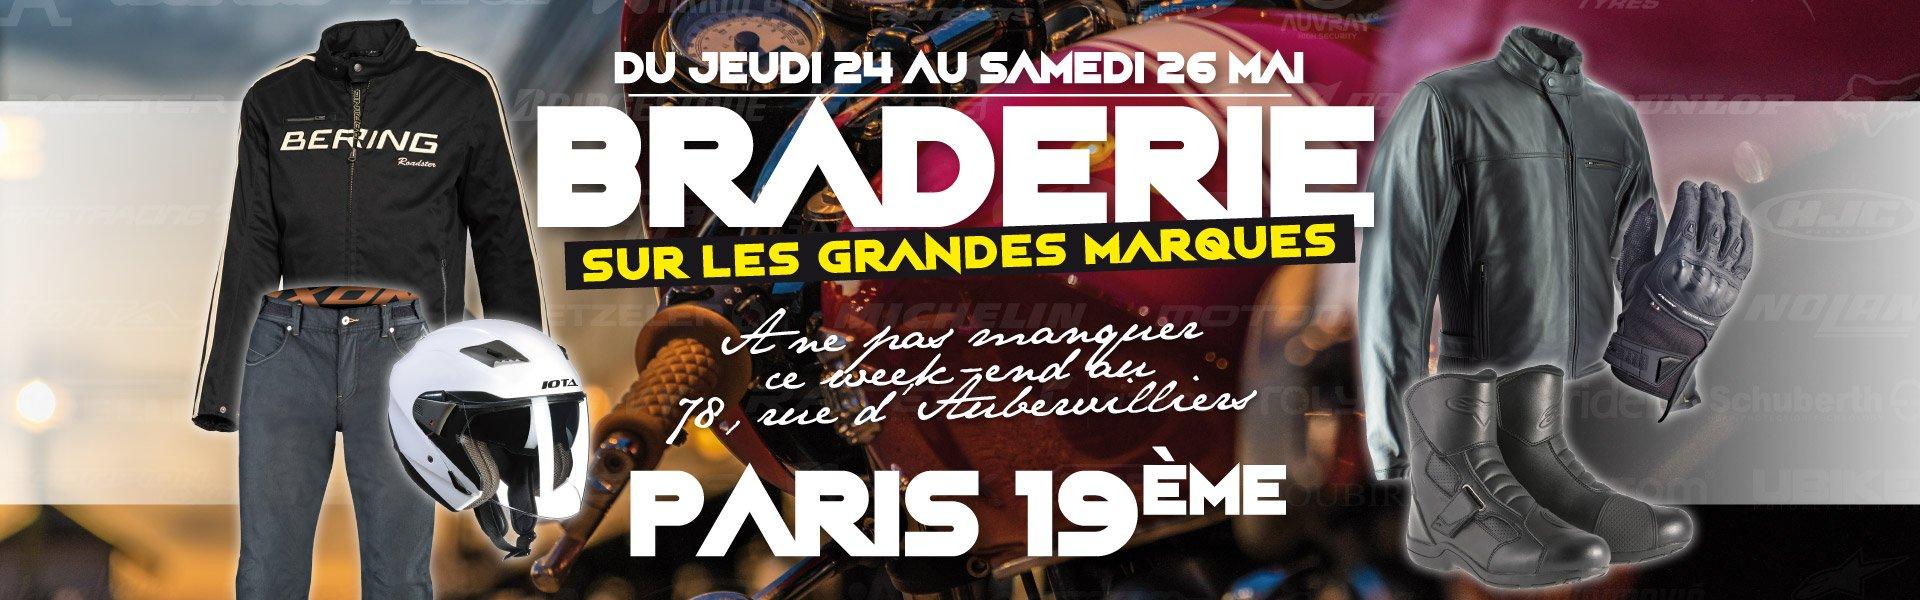 Braderie Cardy Paris 2018